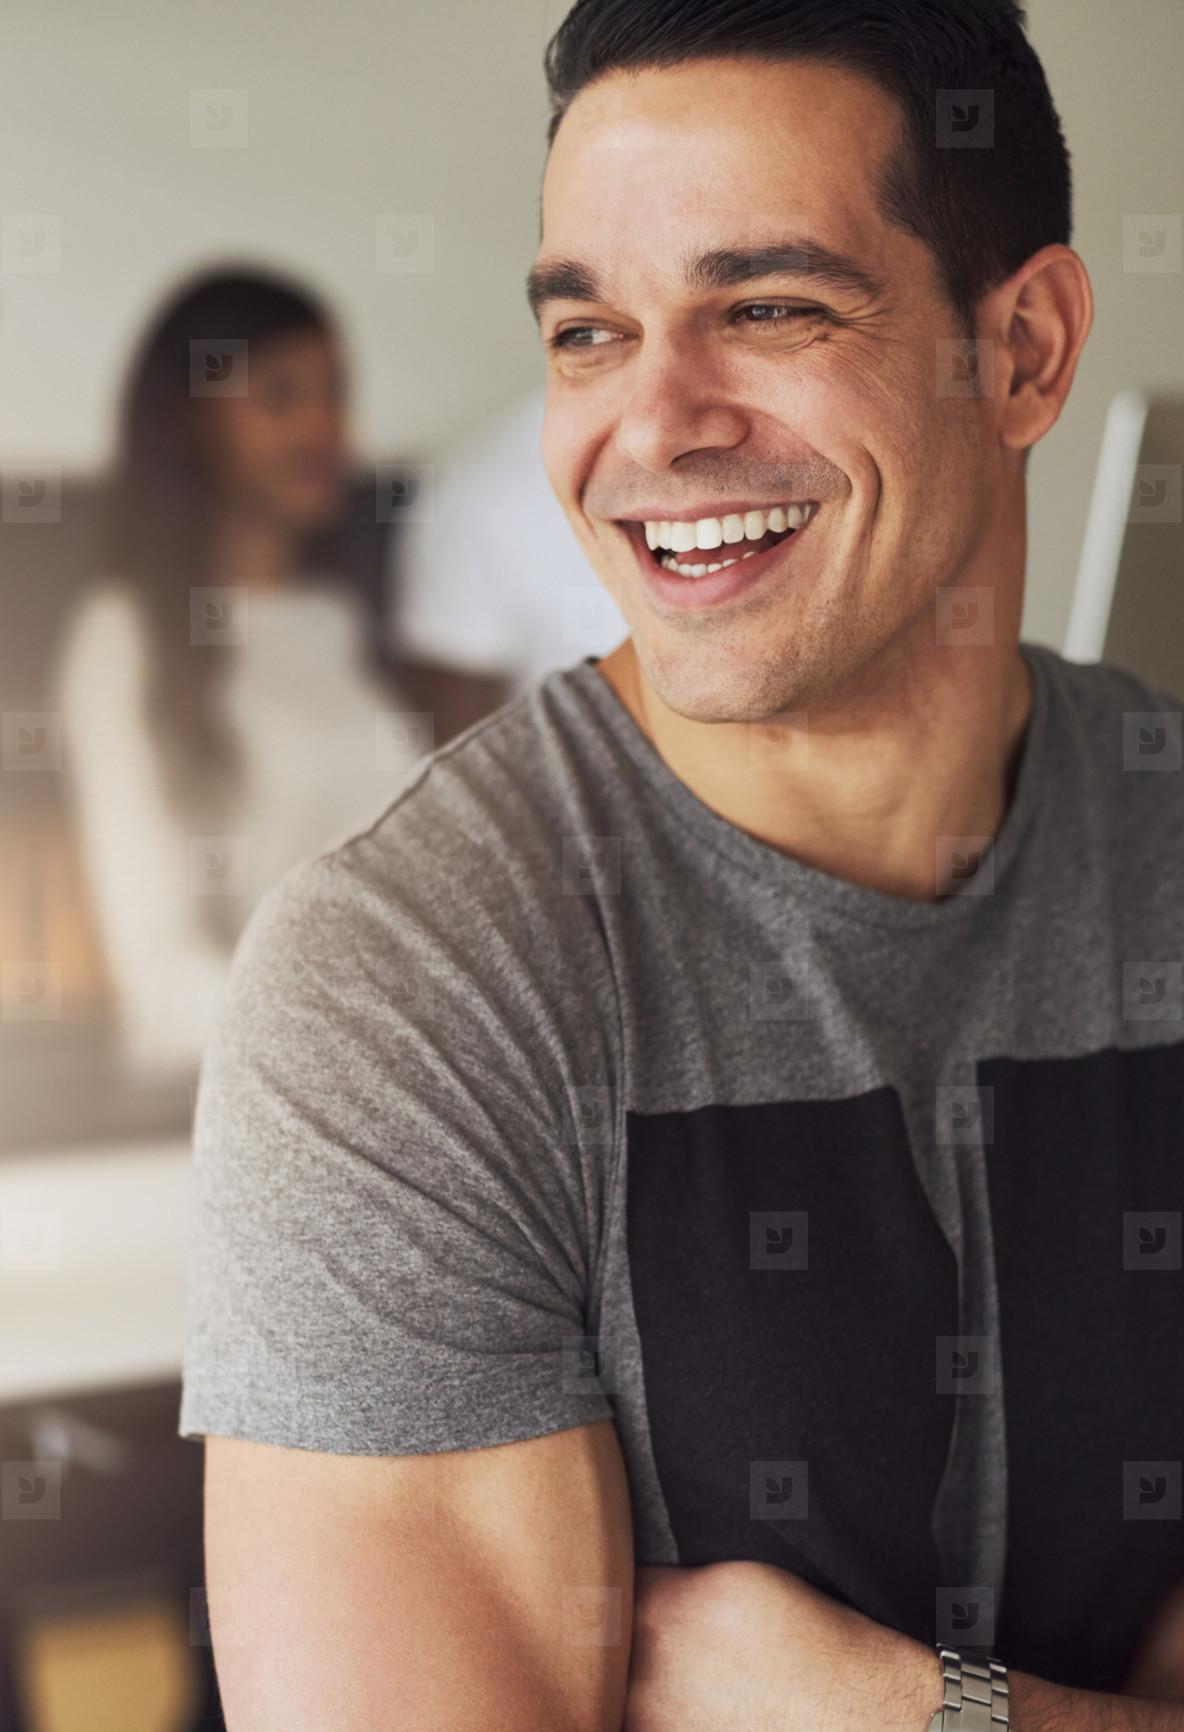 Portrait of man looking away in office